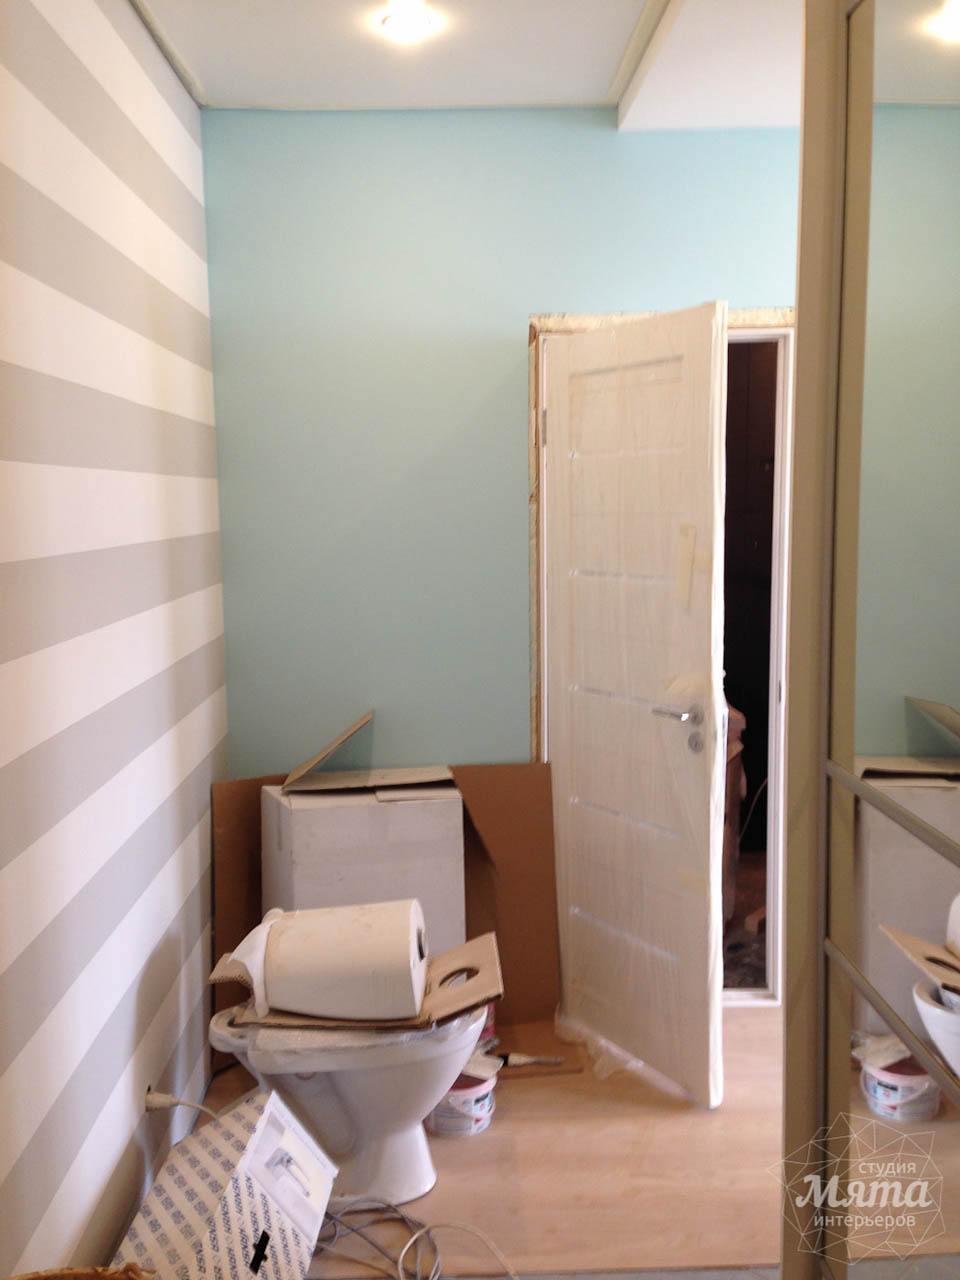 Дизайн интерьера и ремонт однокомнатной квартиры по ул. Сурикова 53а 66